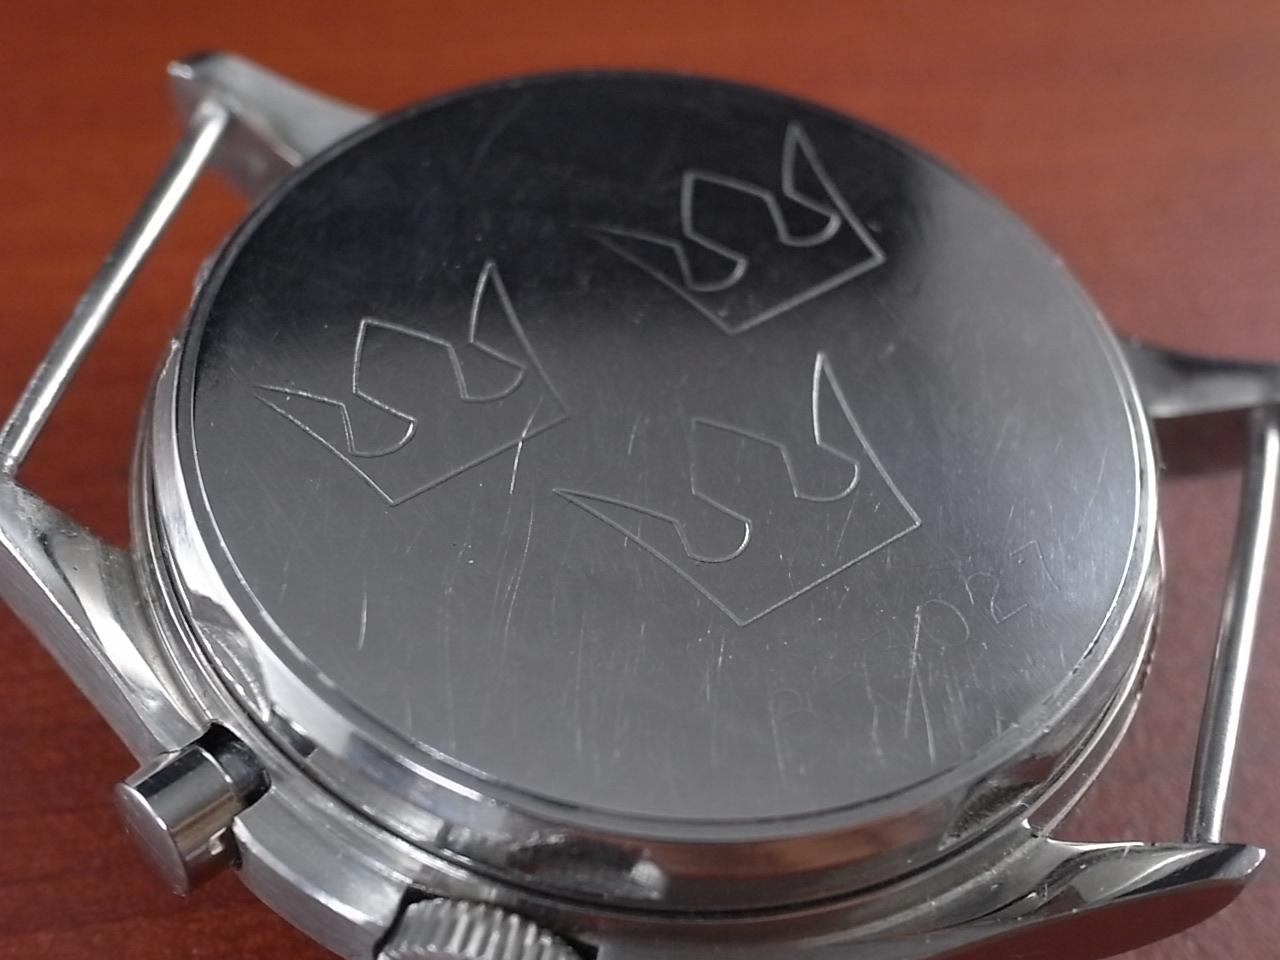 レマニア 軍用時計 スウェーデン軍 Tg195 ラージスリークラウンズ 1950年代の写真4枚目